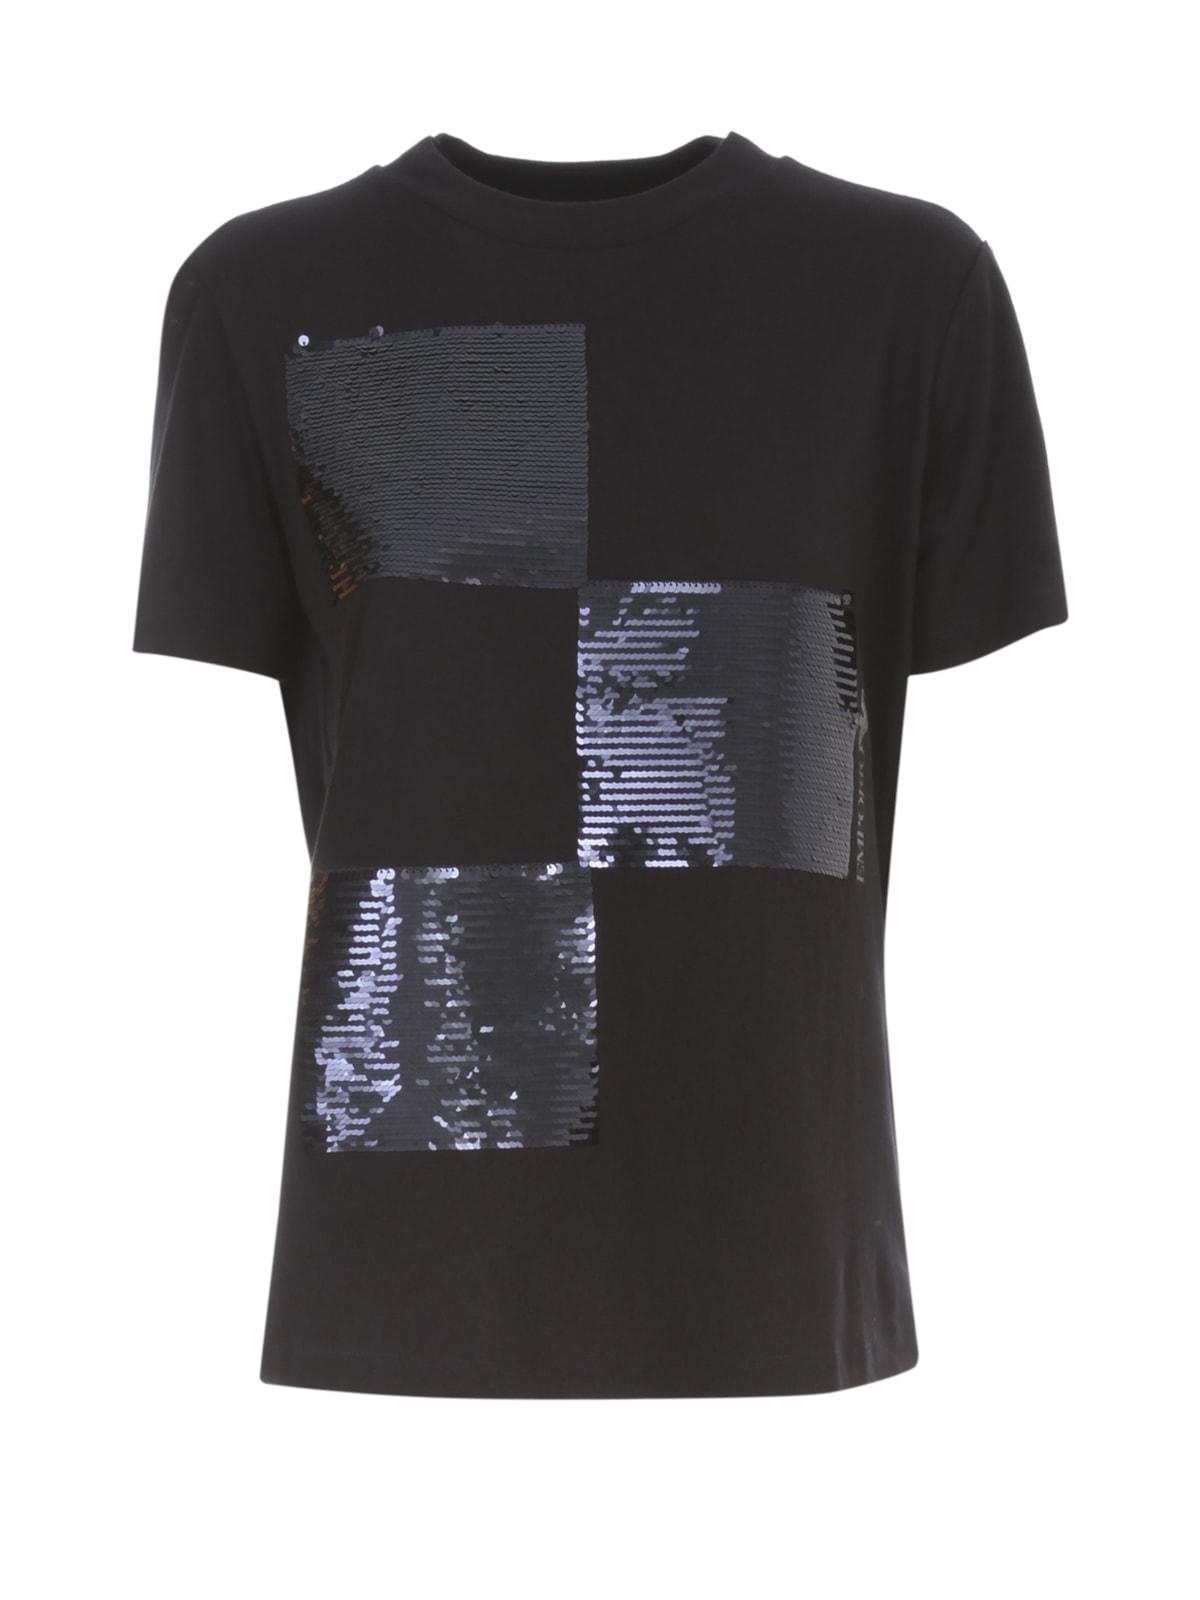 Emporio Armani T-shirt S/s W/square Paillettes